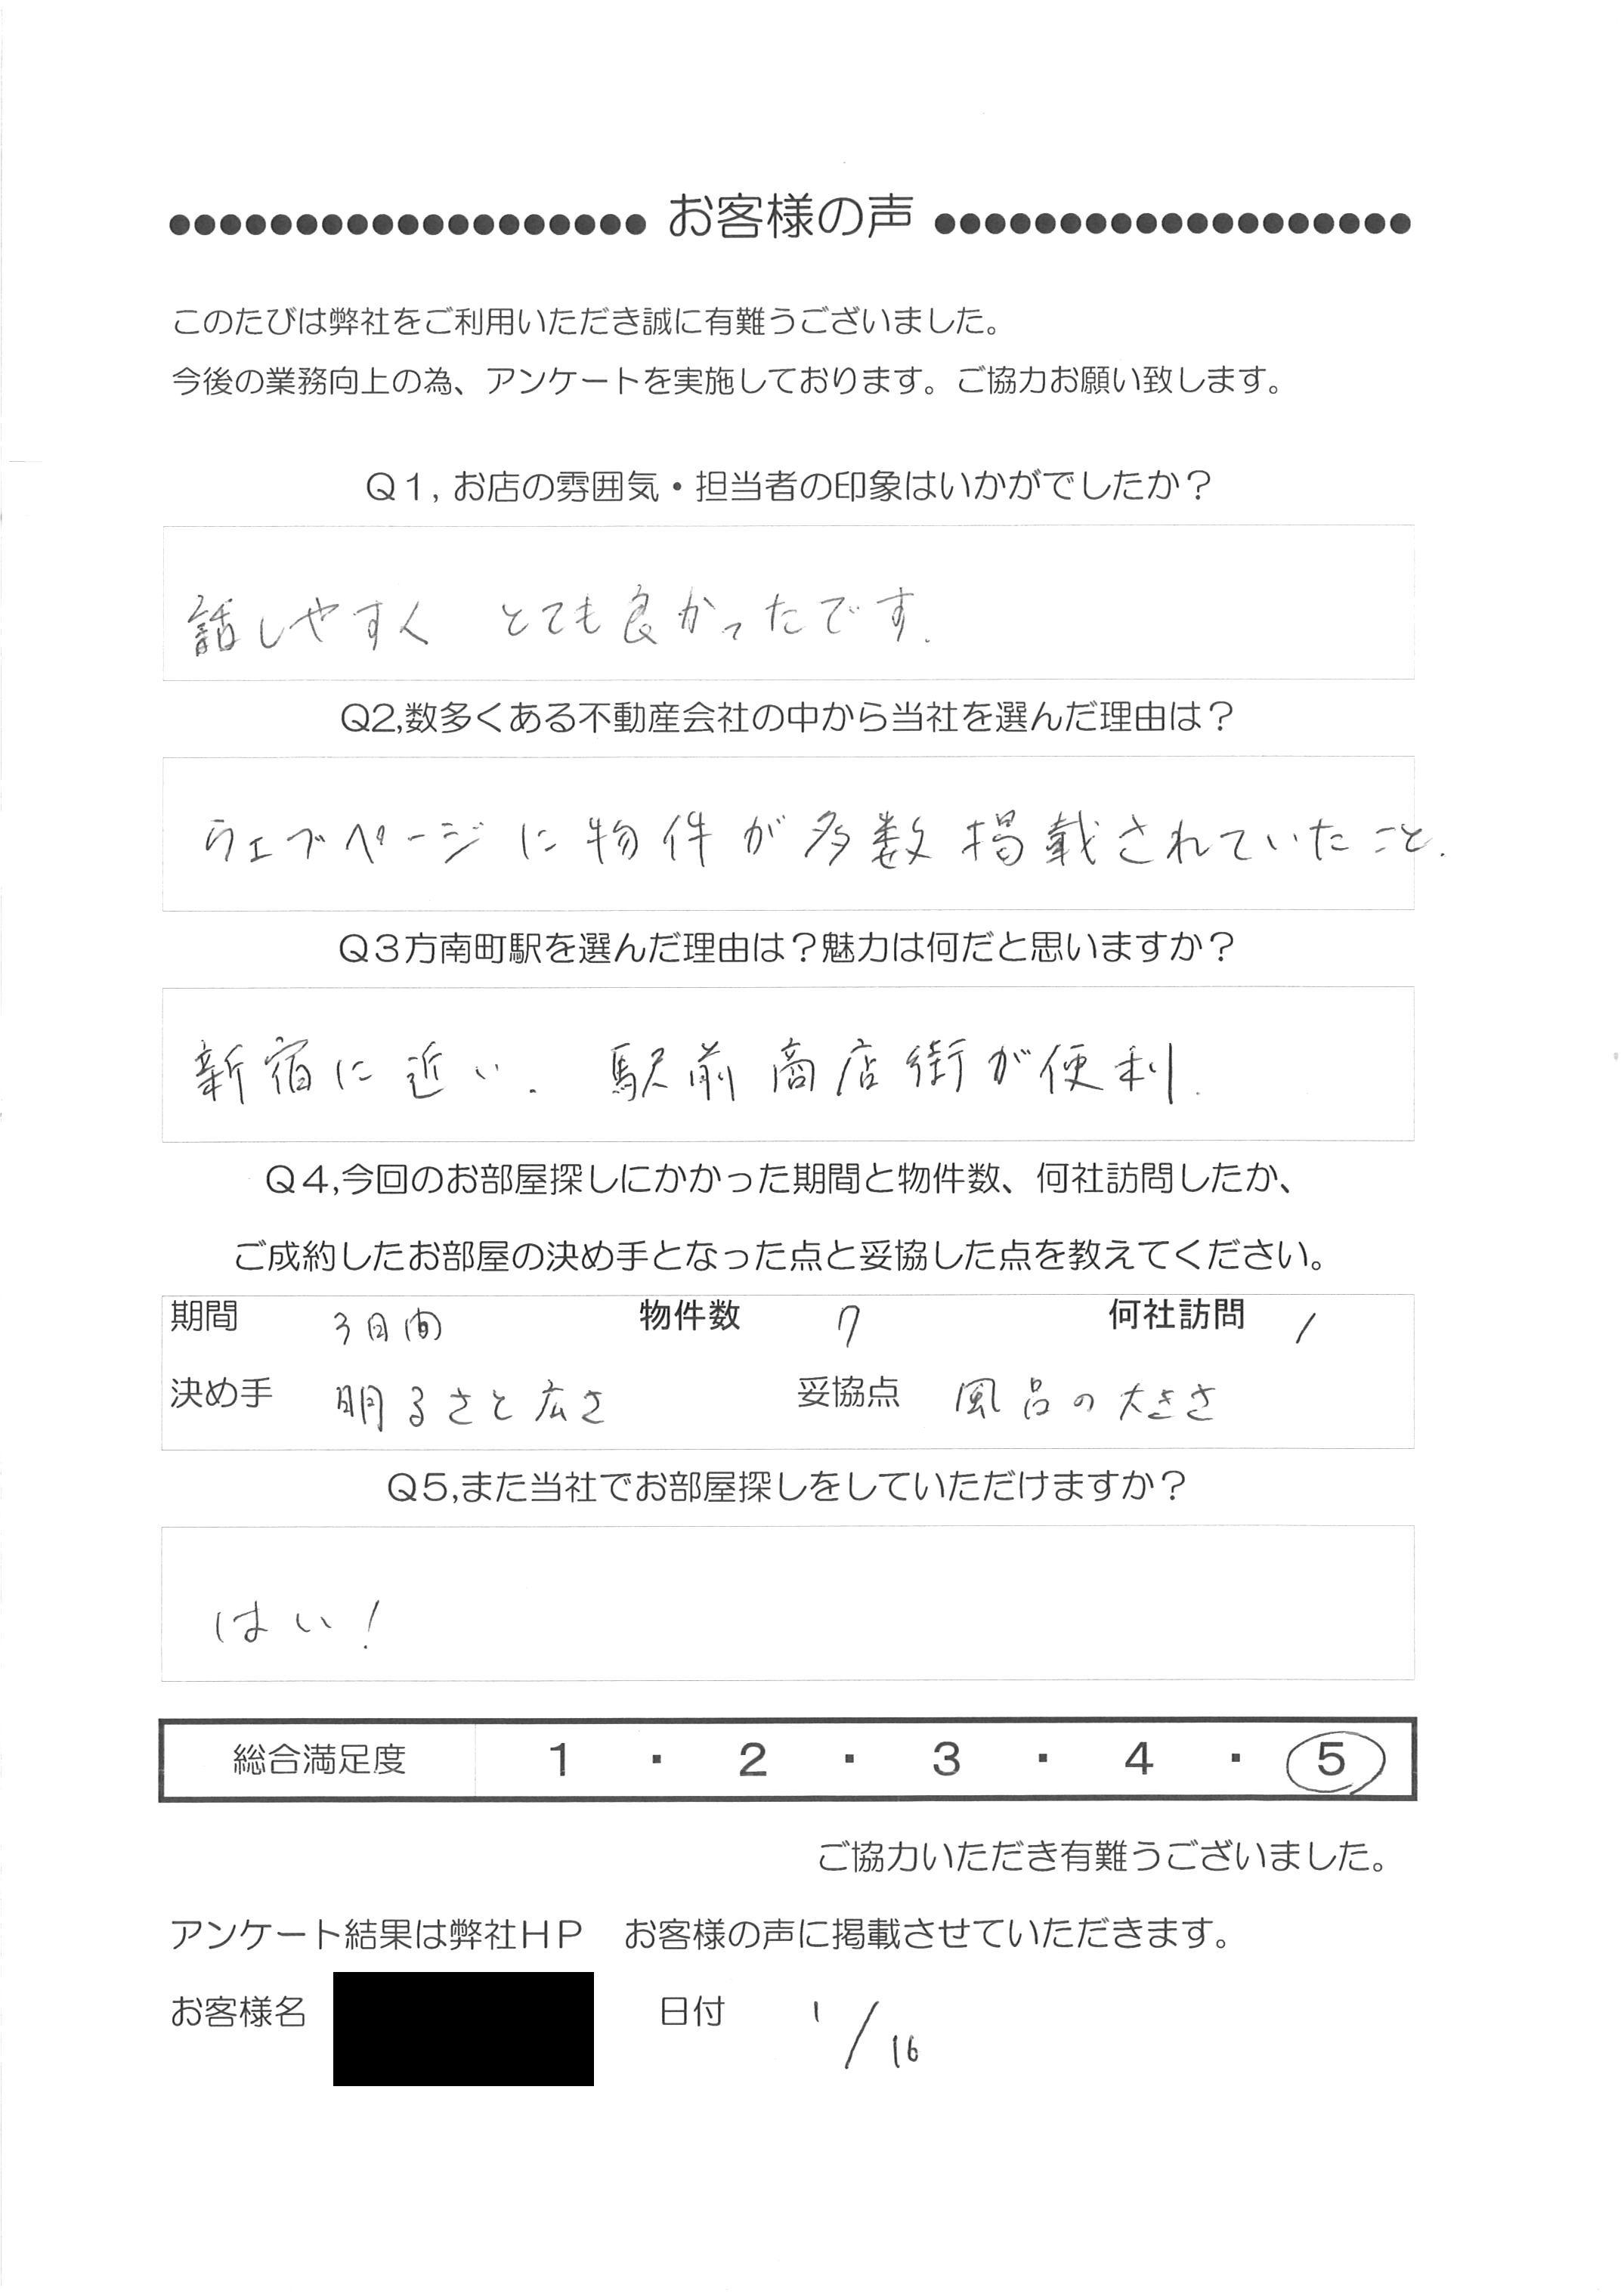 M・Y 様 (25歳)男性(会社員)入居人員(1名)アンケート回答